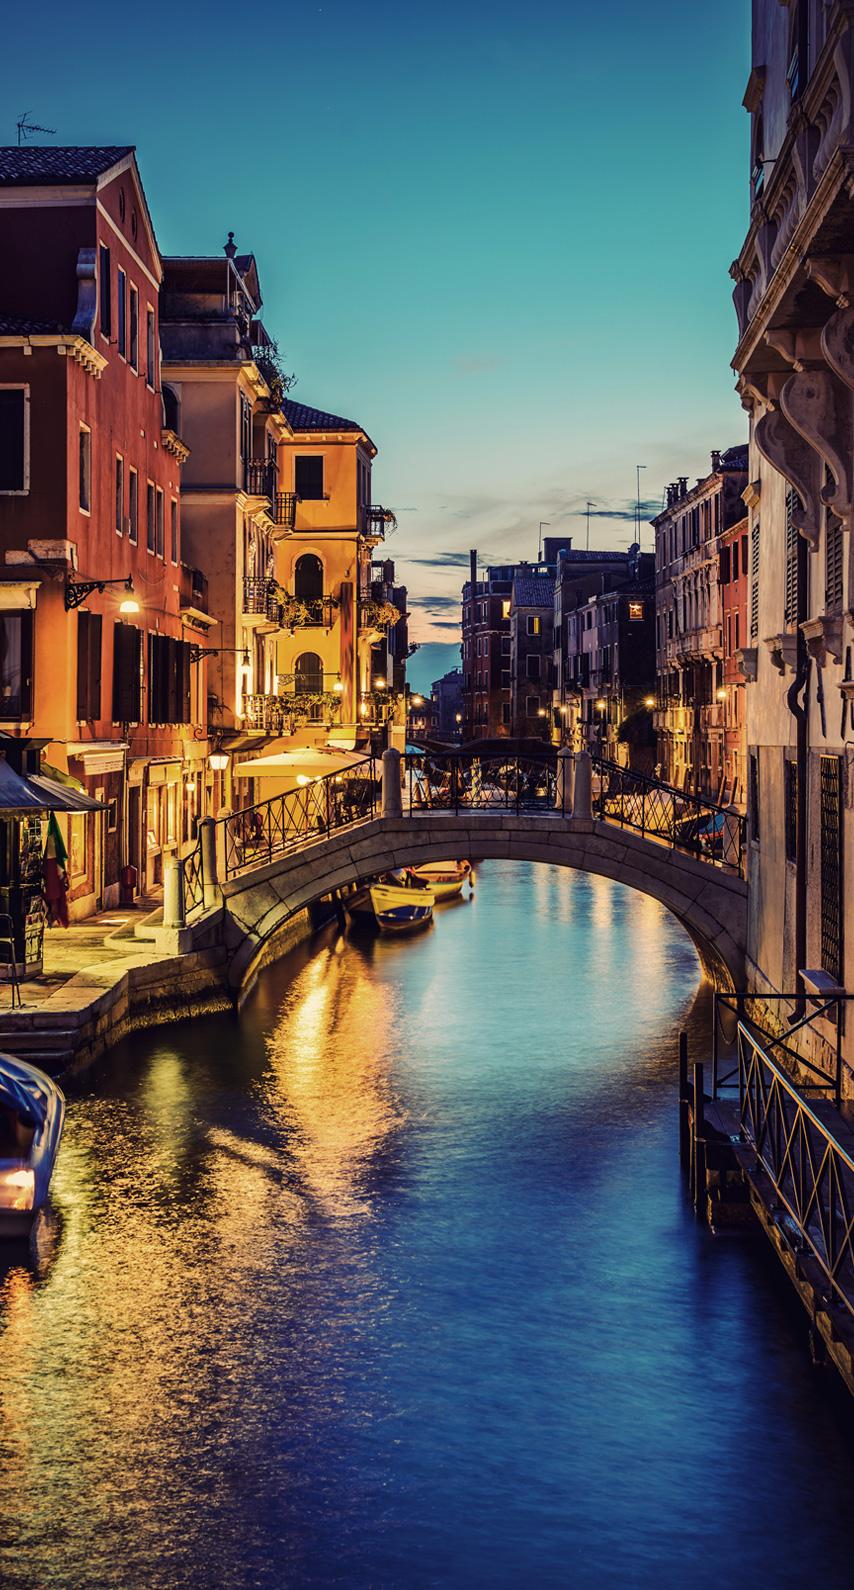 gondola, venetian